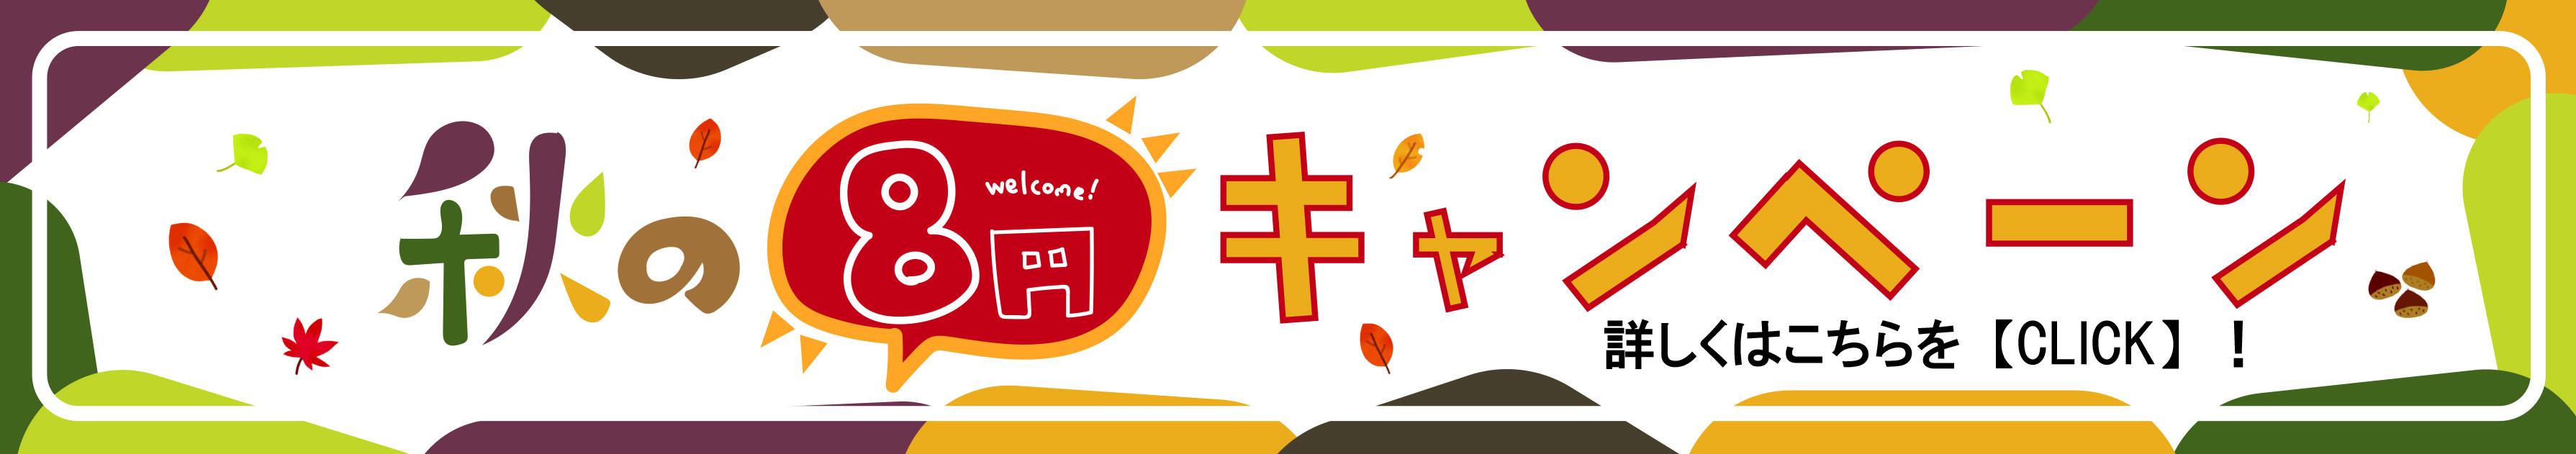 8円キャンペーン バナー